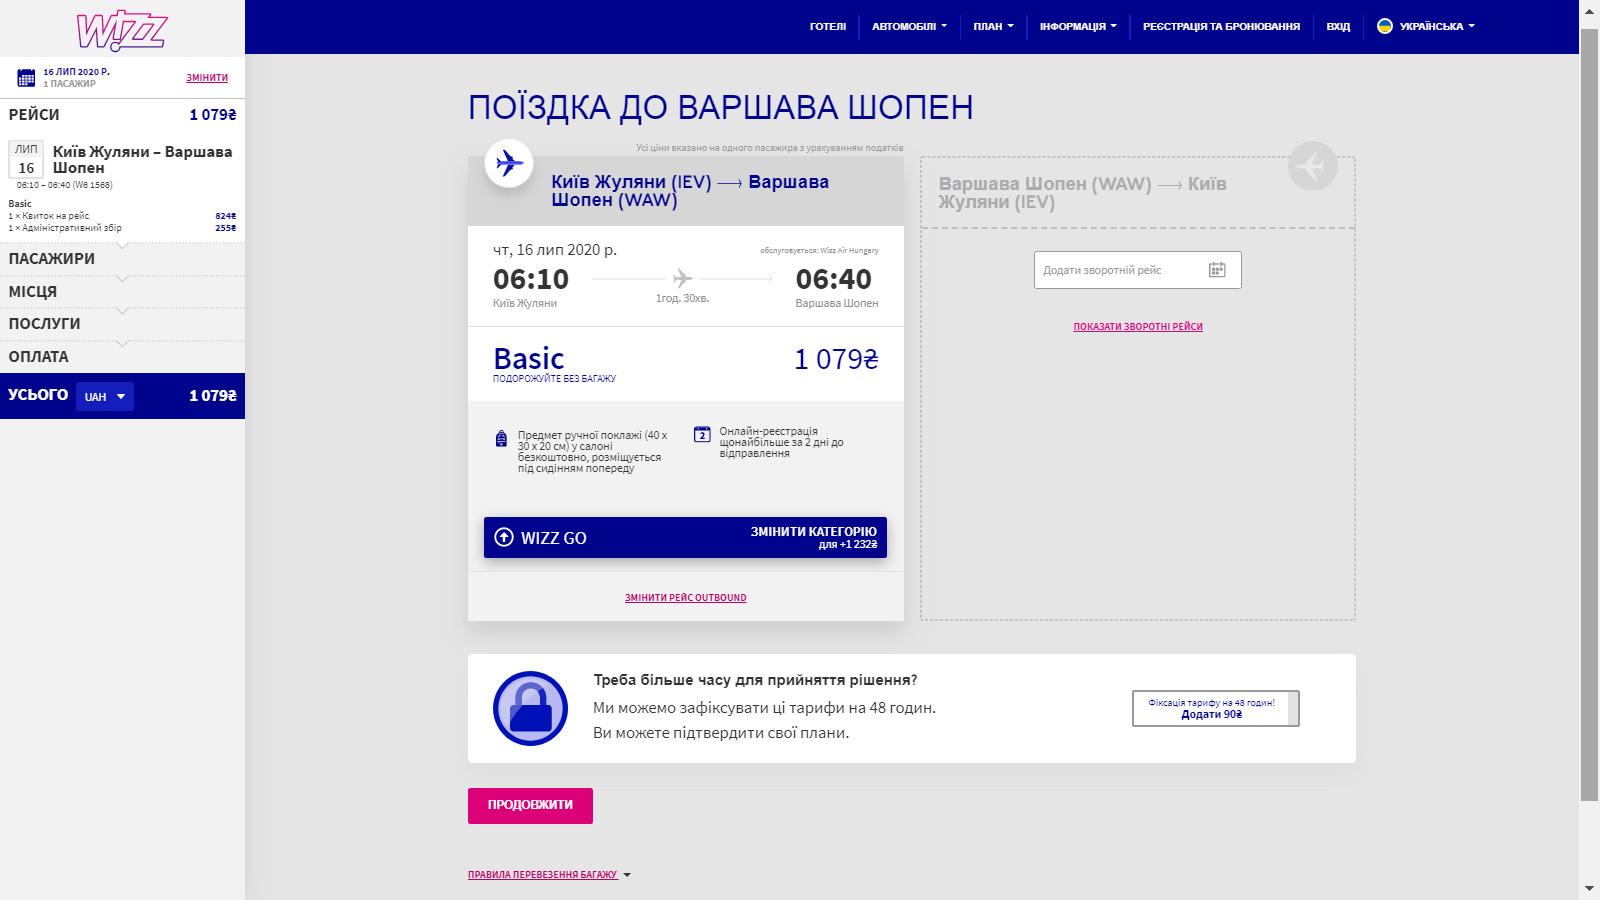 Ціна на білет Літаком з Києва в Варшаву